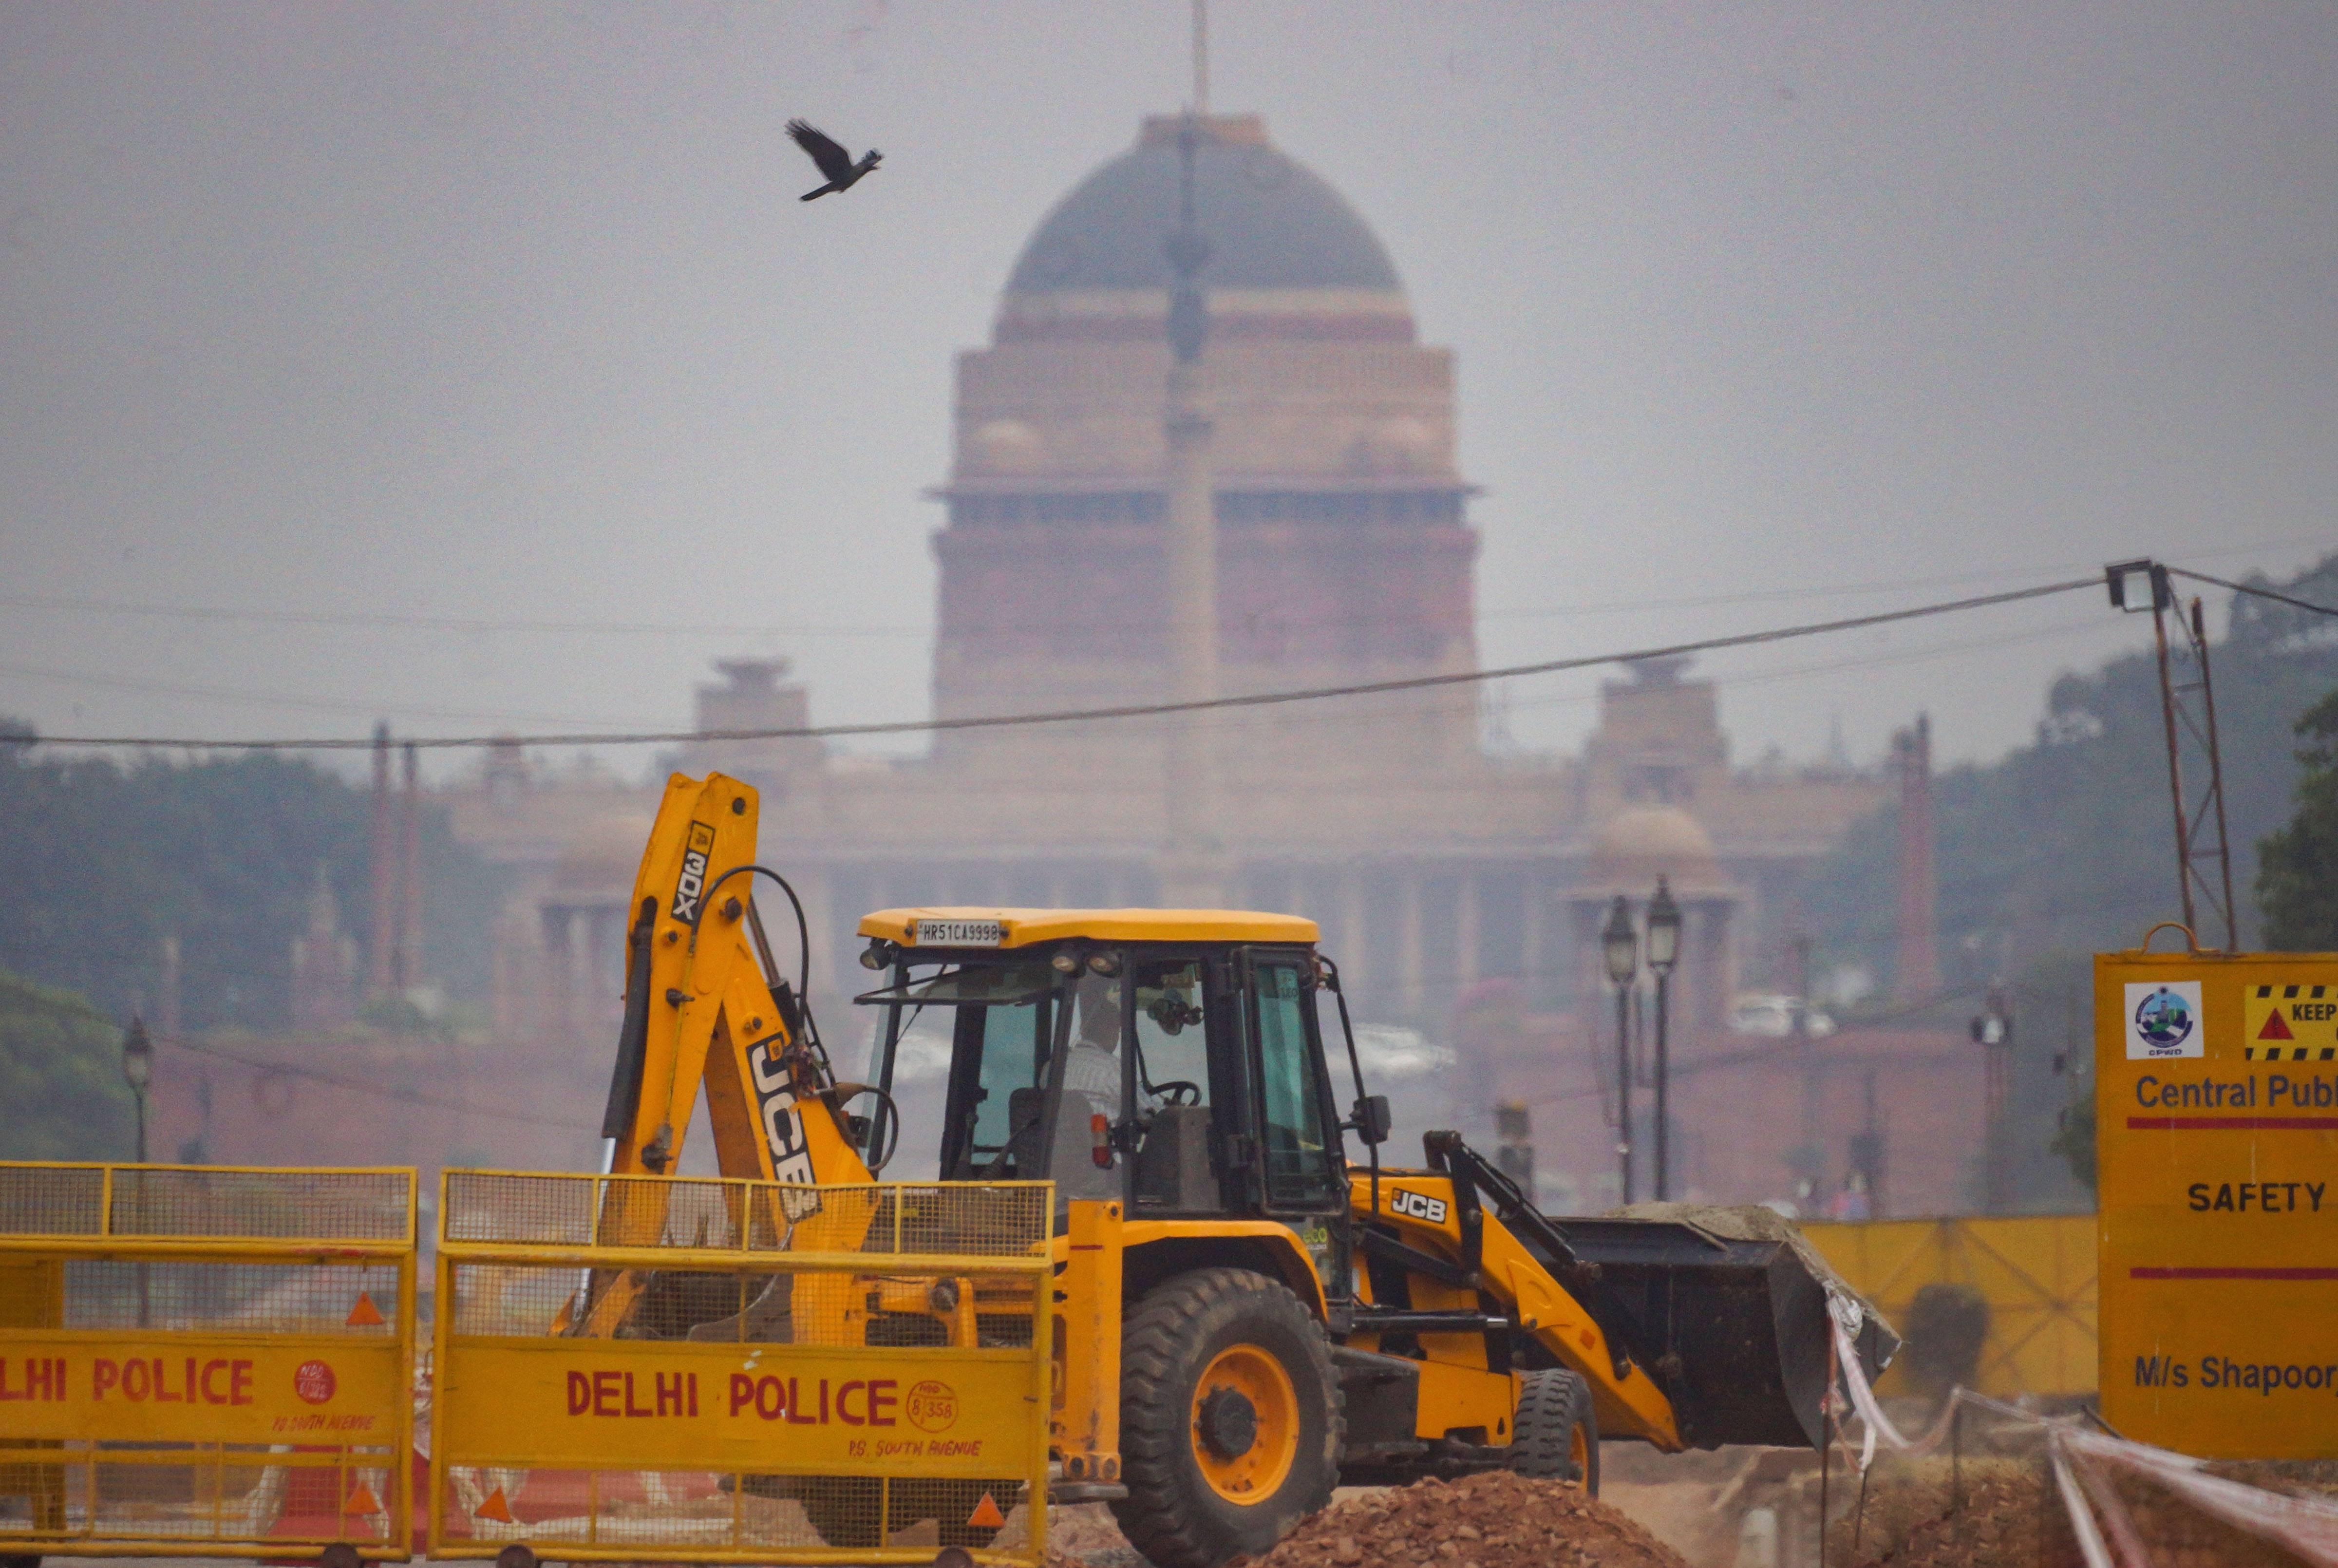 സെന്ട്രല് വിസ്റ്റ പദ്ധതിയുടെ നിര്മാണം ദില്ലിയിലെ രാജ്പഥില് പുരോഗമിക്കുന്നു, ചിത്രങ്ങള്